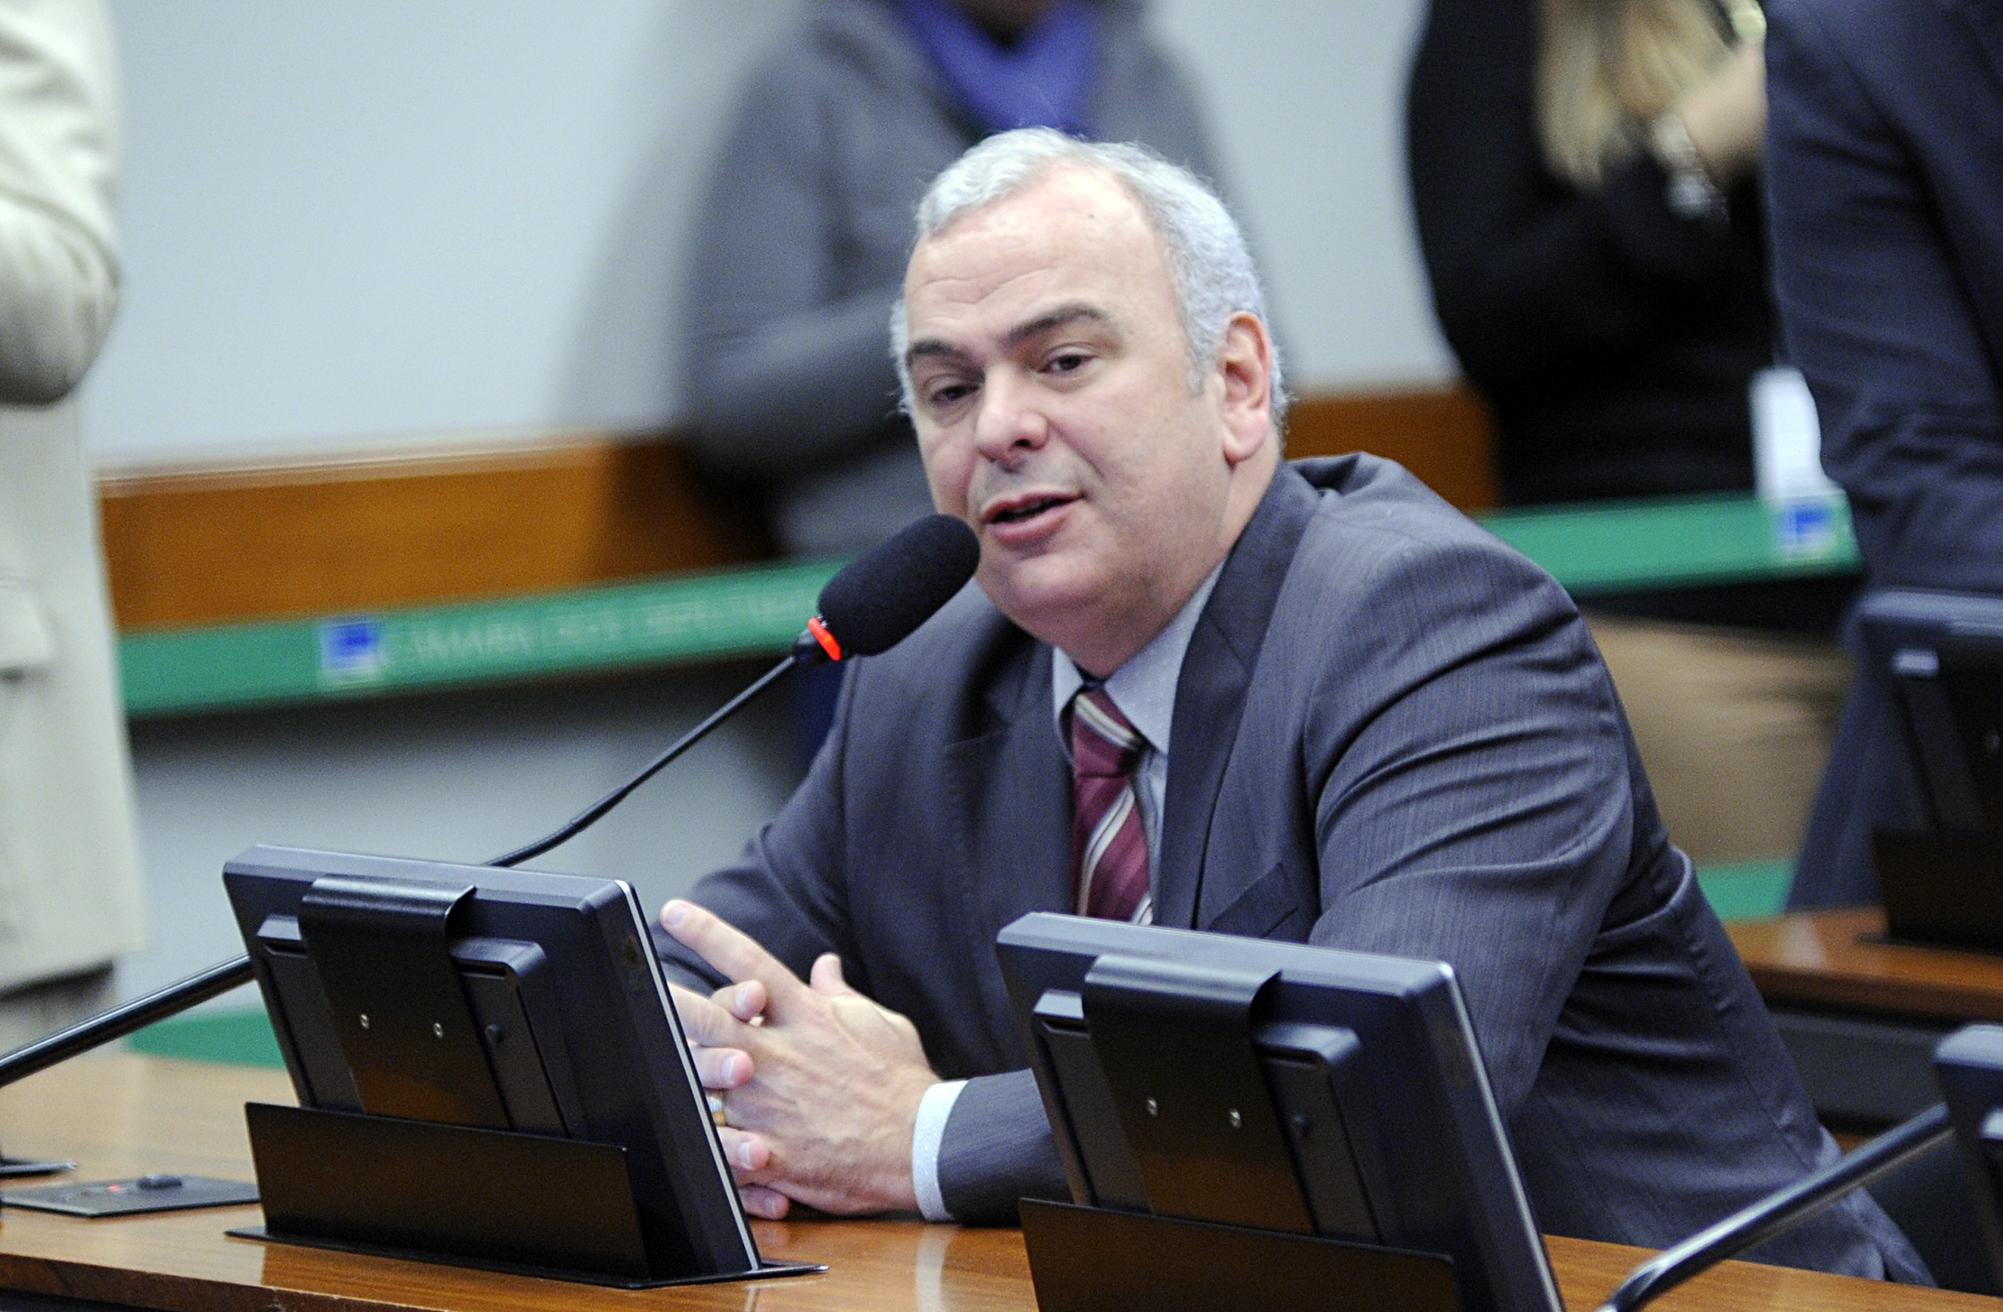 Reunião Ordinária. Dep. Julio Delgado (PSB-MG)